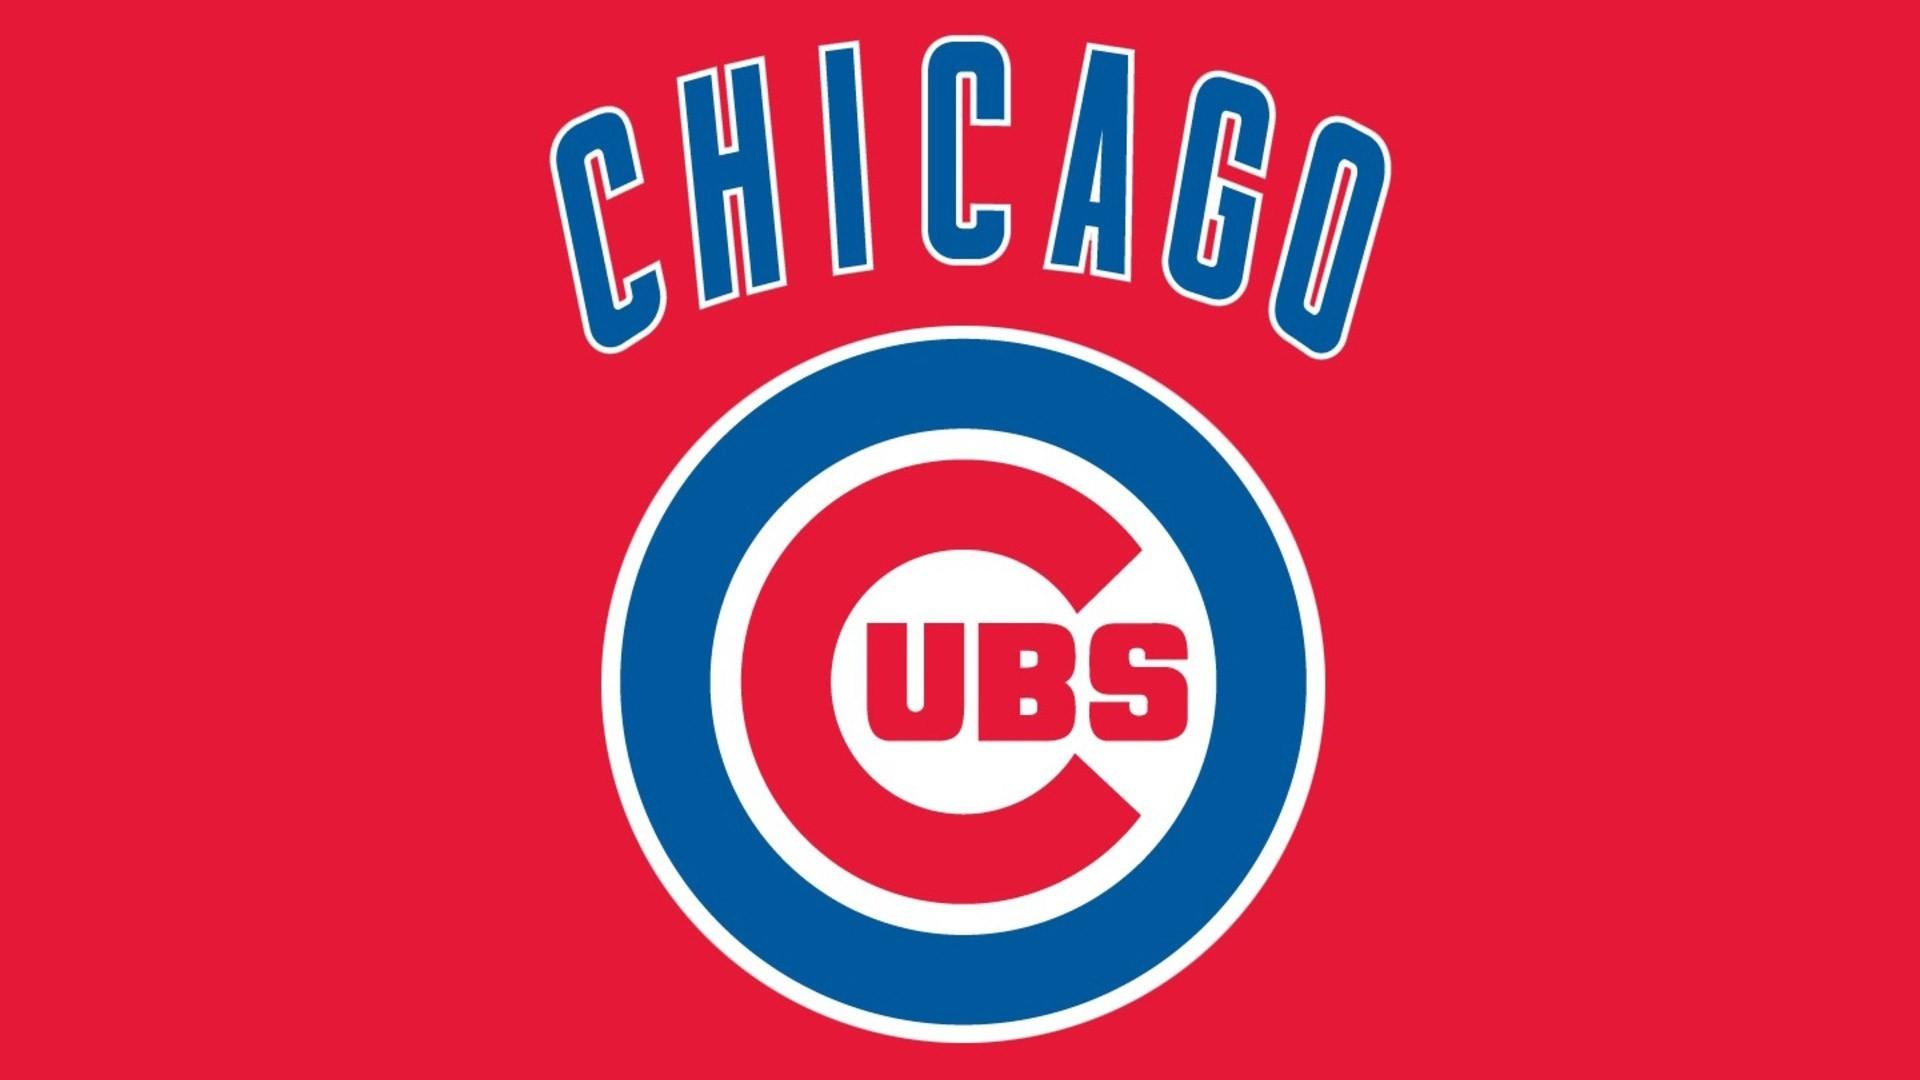 1920x1080 chicago cubs wallpaper free hd widescreen, 125 kB - Edgar Cook